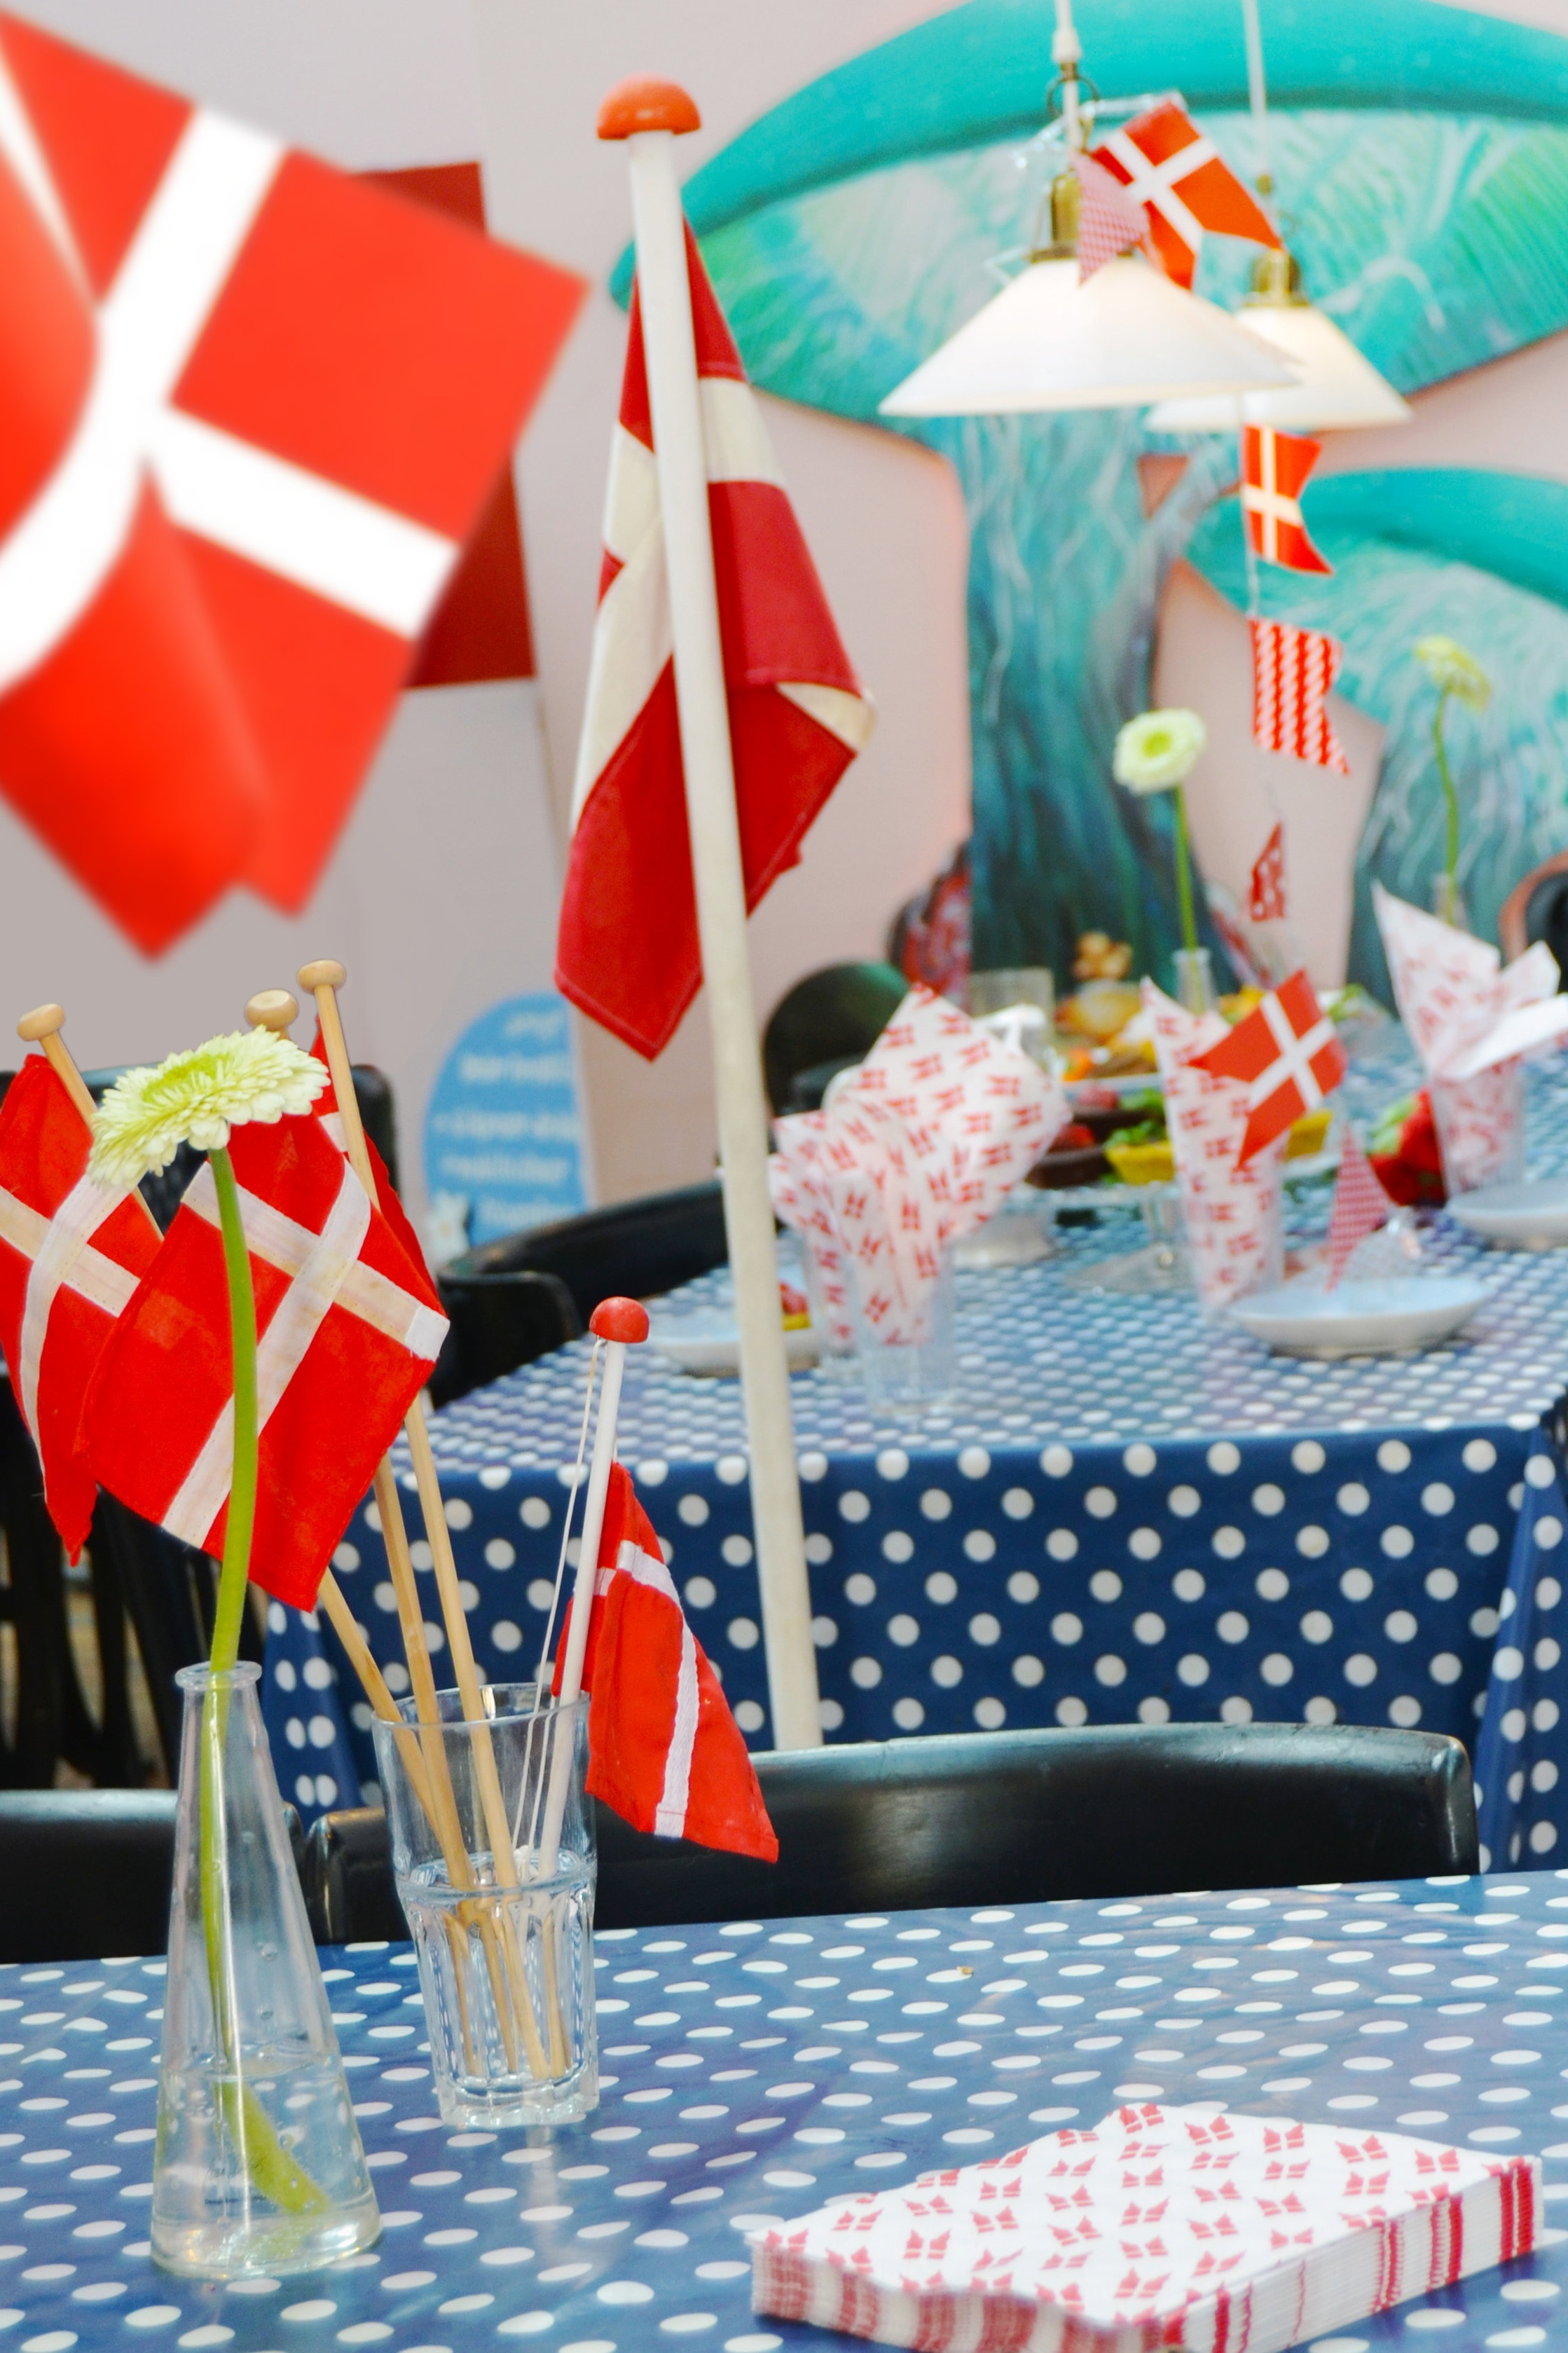 Hold din fødselsdag - Hold fødselsdag på Anemonen og få jeres eget hyggelige fødselsdagsbord i caféen.Læs Mere